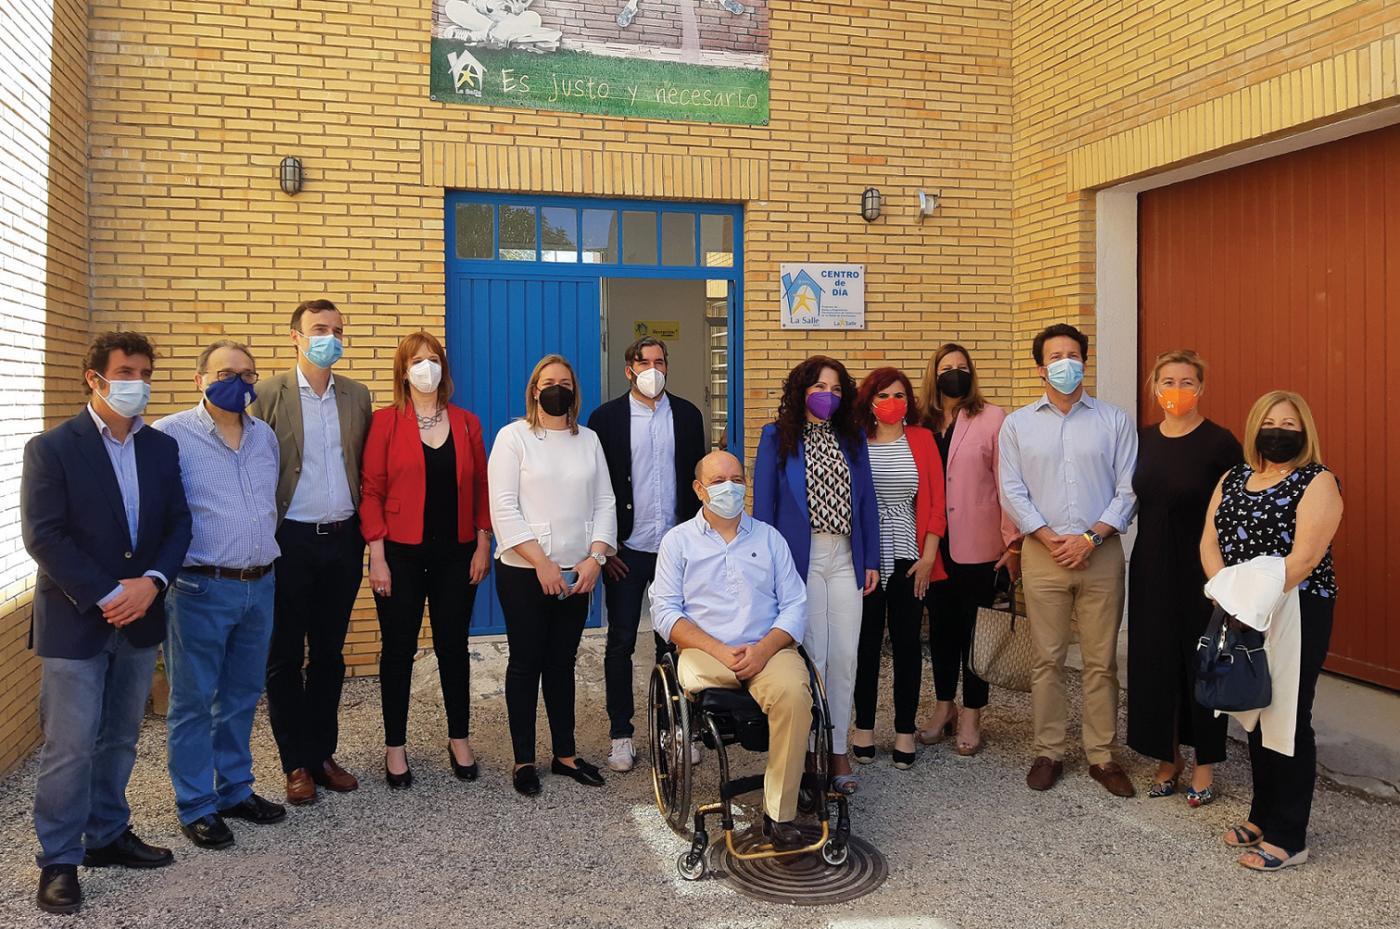 La Junta respalda el trabajo integrador de Hogar La Salle